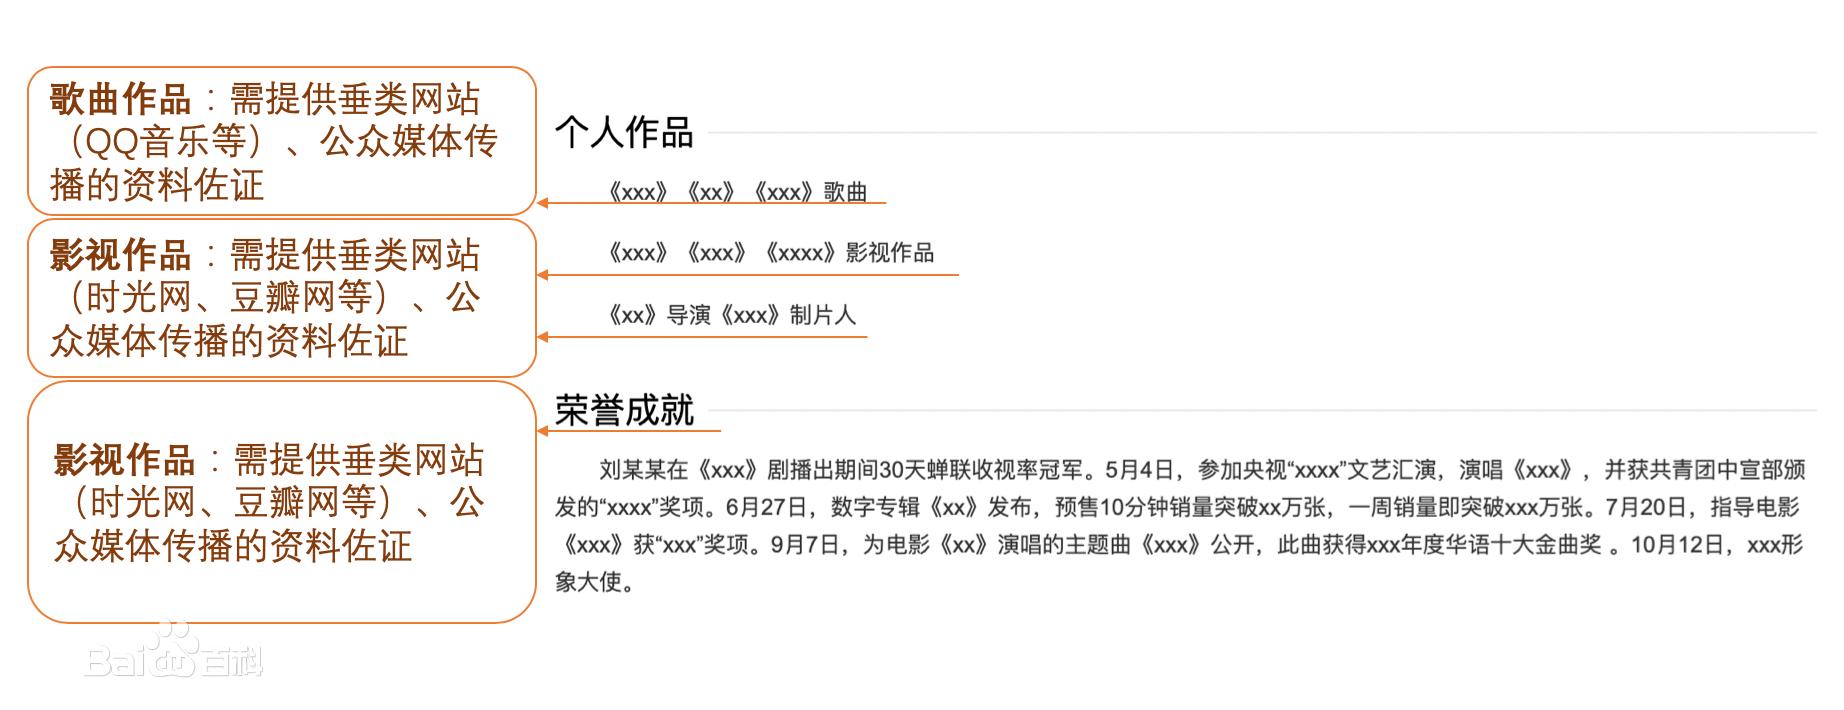 艺人演员明星人物百度百科怎么创建更新代做优化 (http://www.jiagao.net/) 百科创建 第4张